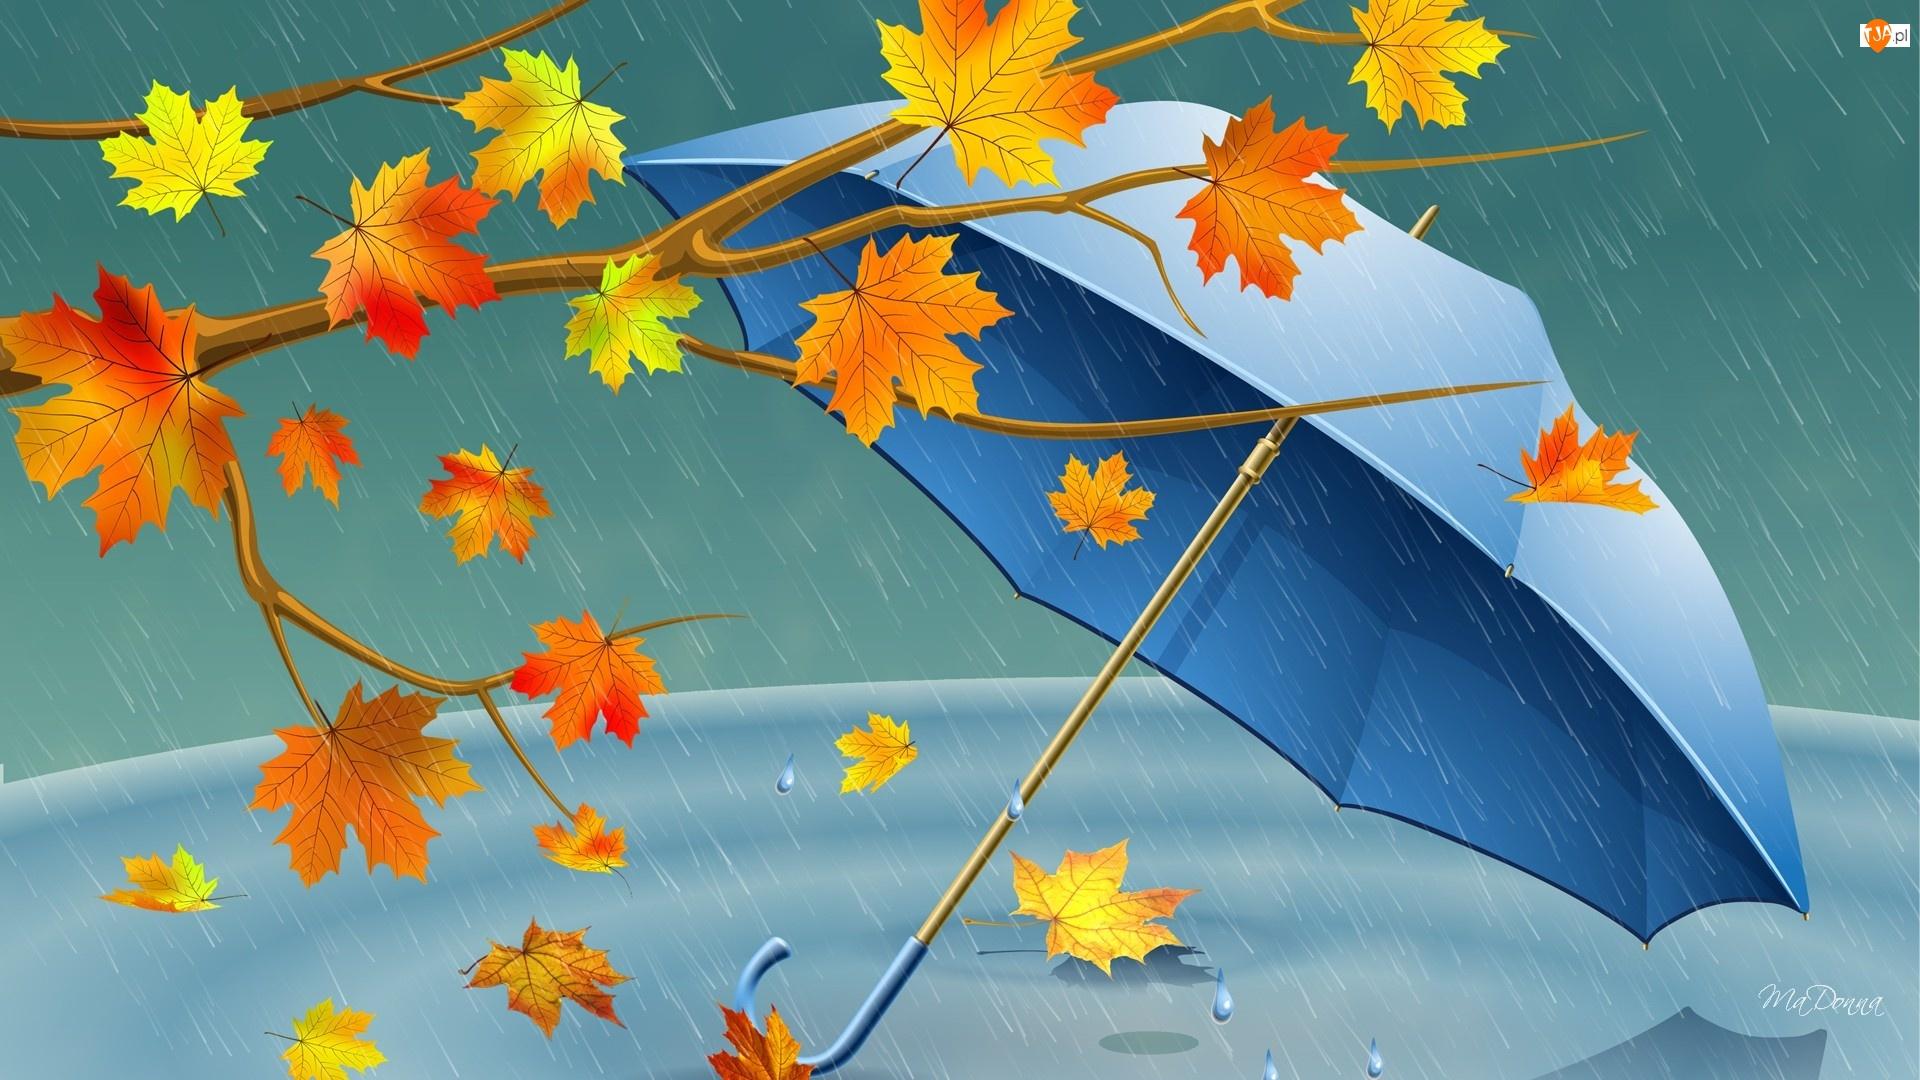 Jesienne, Deszcz, Liście, Parasol